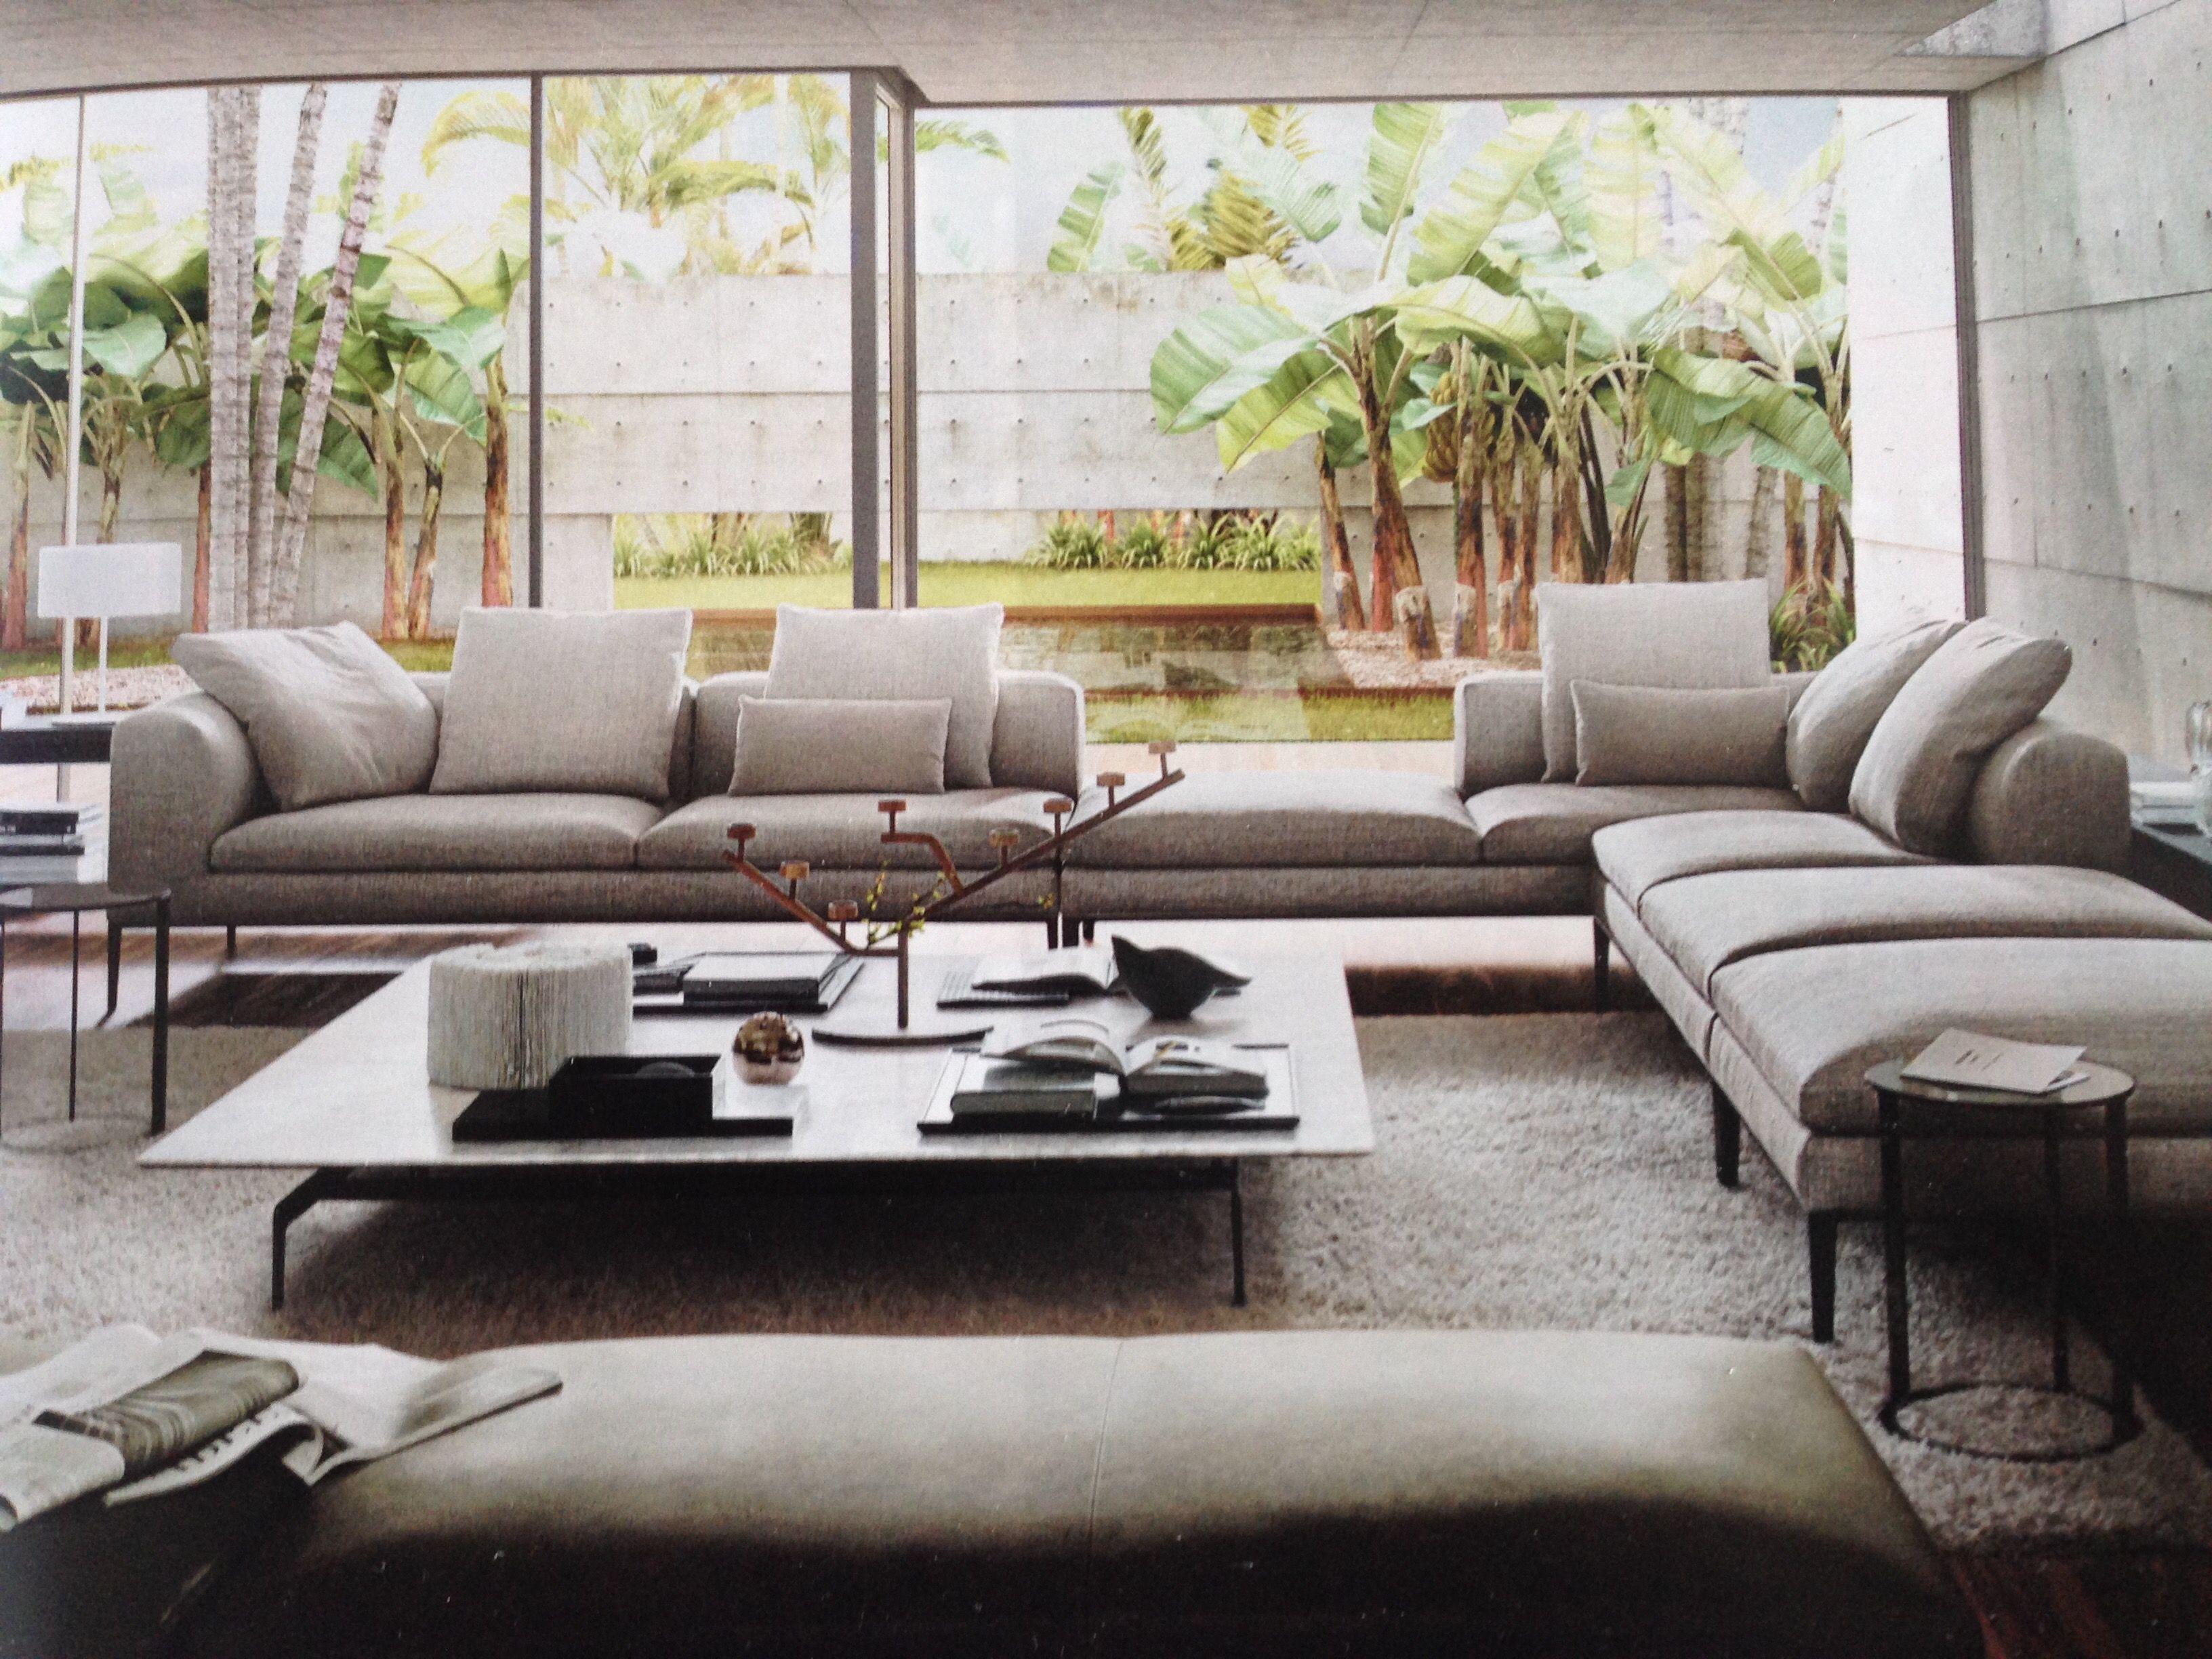 Wohnzimmer modernes set for Wohnzimmer italienischer stil